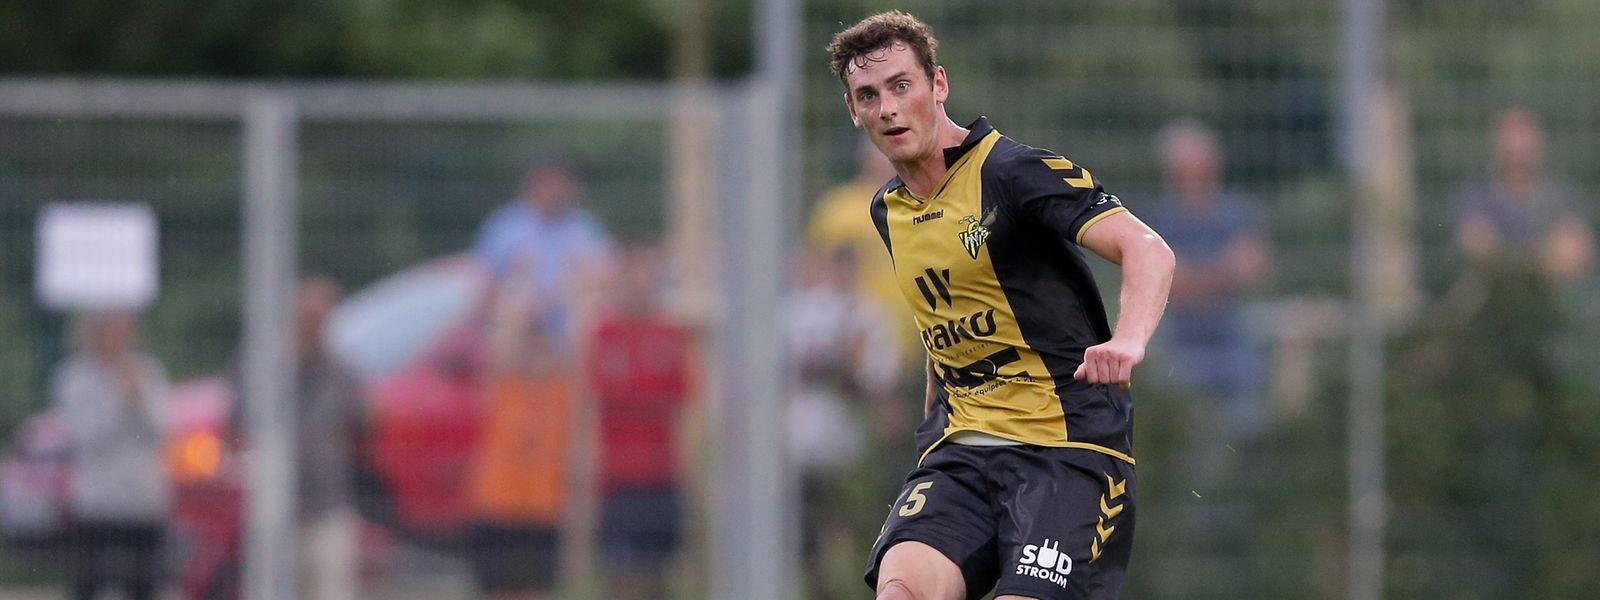 Ben Vogel et le Progrès affronteront Midtjylland au tour suivant. A condition d'éliminer les Rangers.